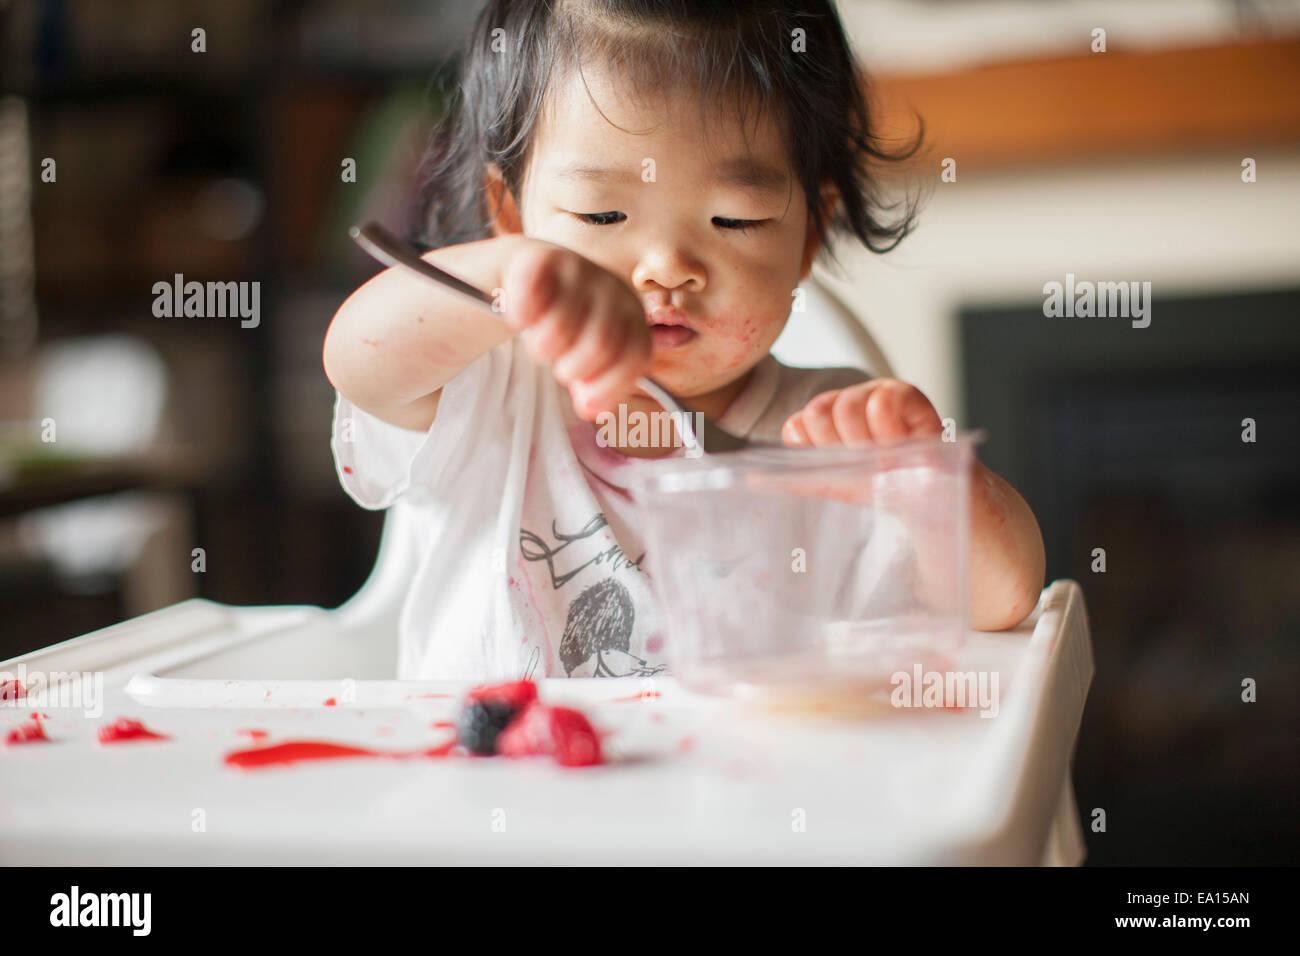 Einjähriges Mädchen essen Obst im Hochstuhl Stockbild